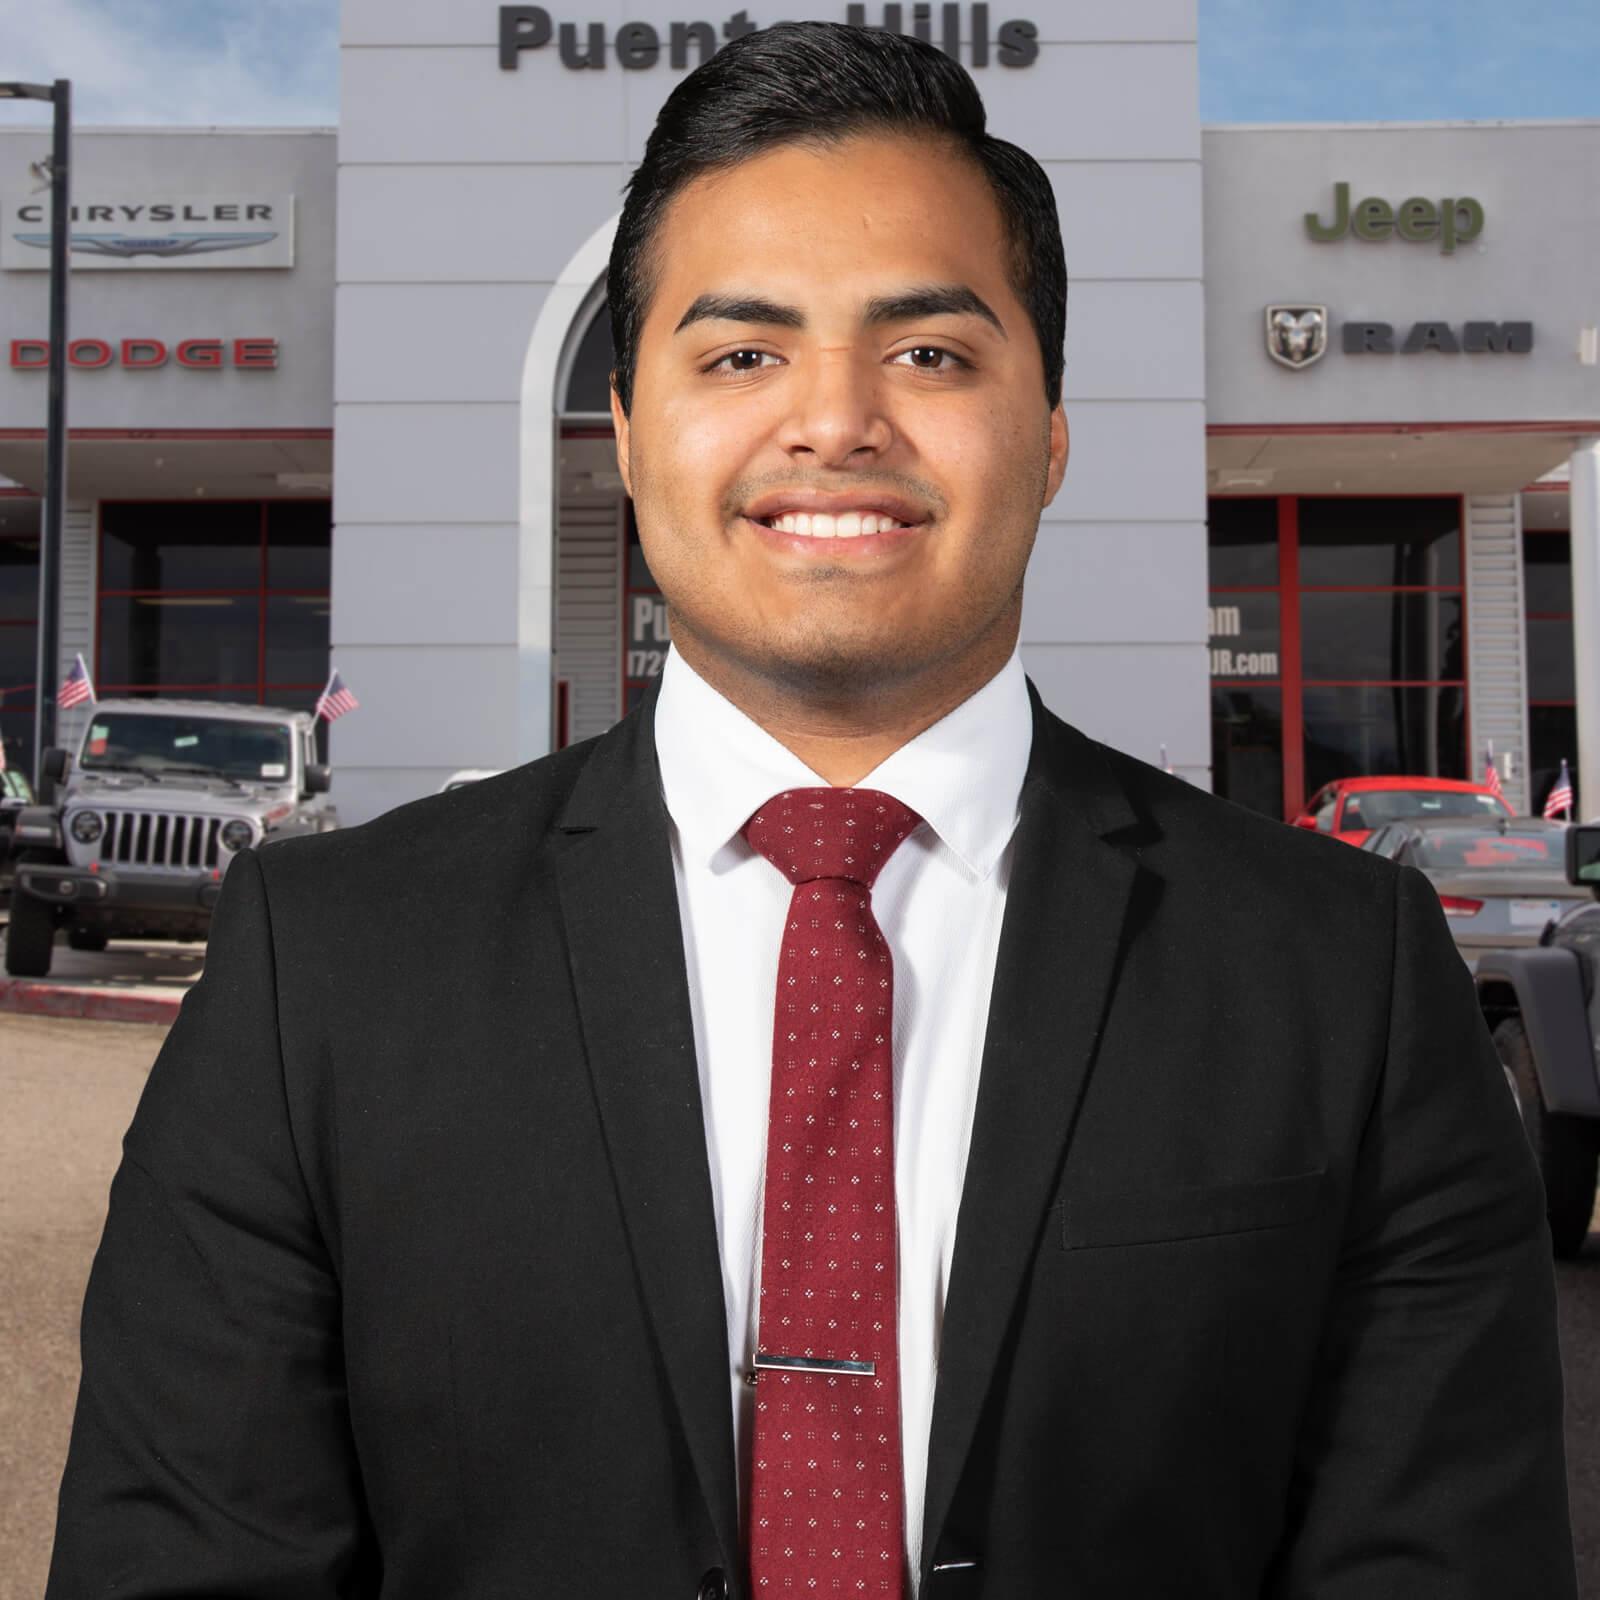 Jason Paez